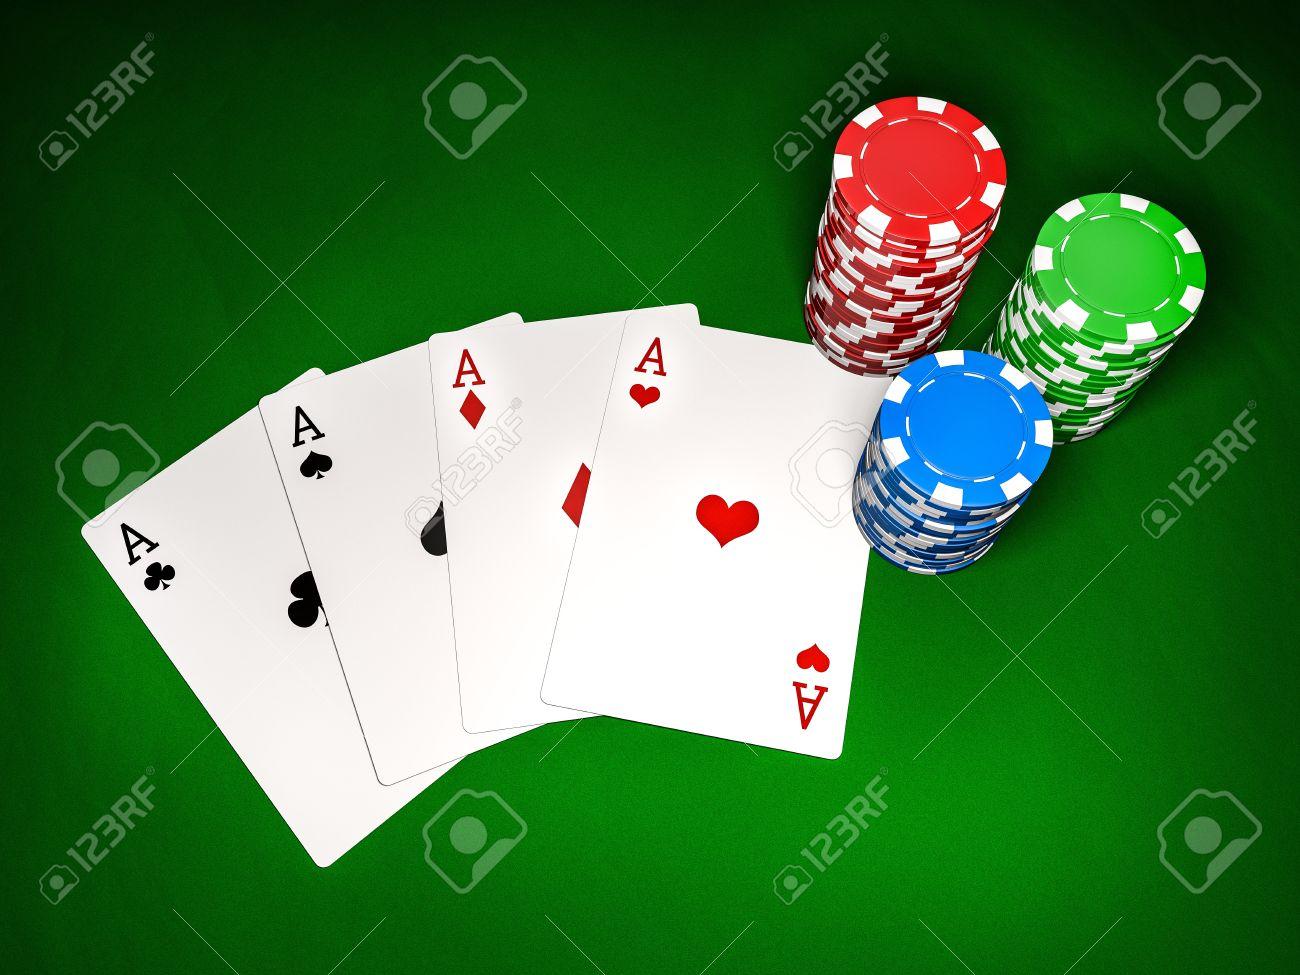 Casino en ligne : je sais comment savoir si une plateforme est légale